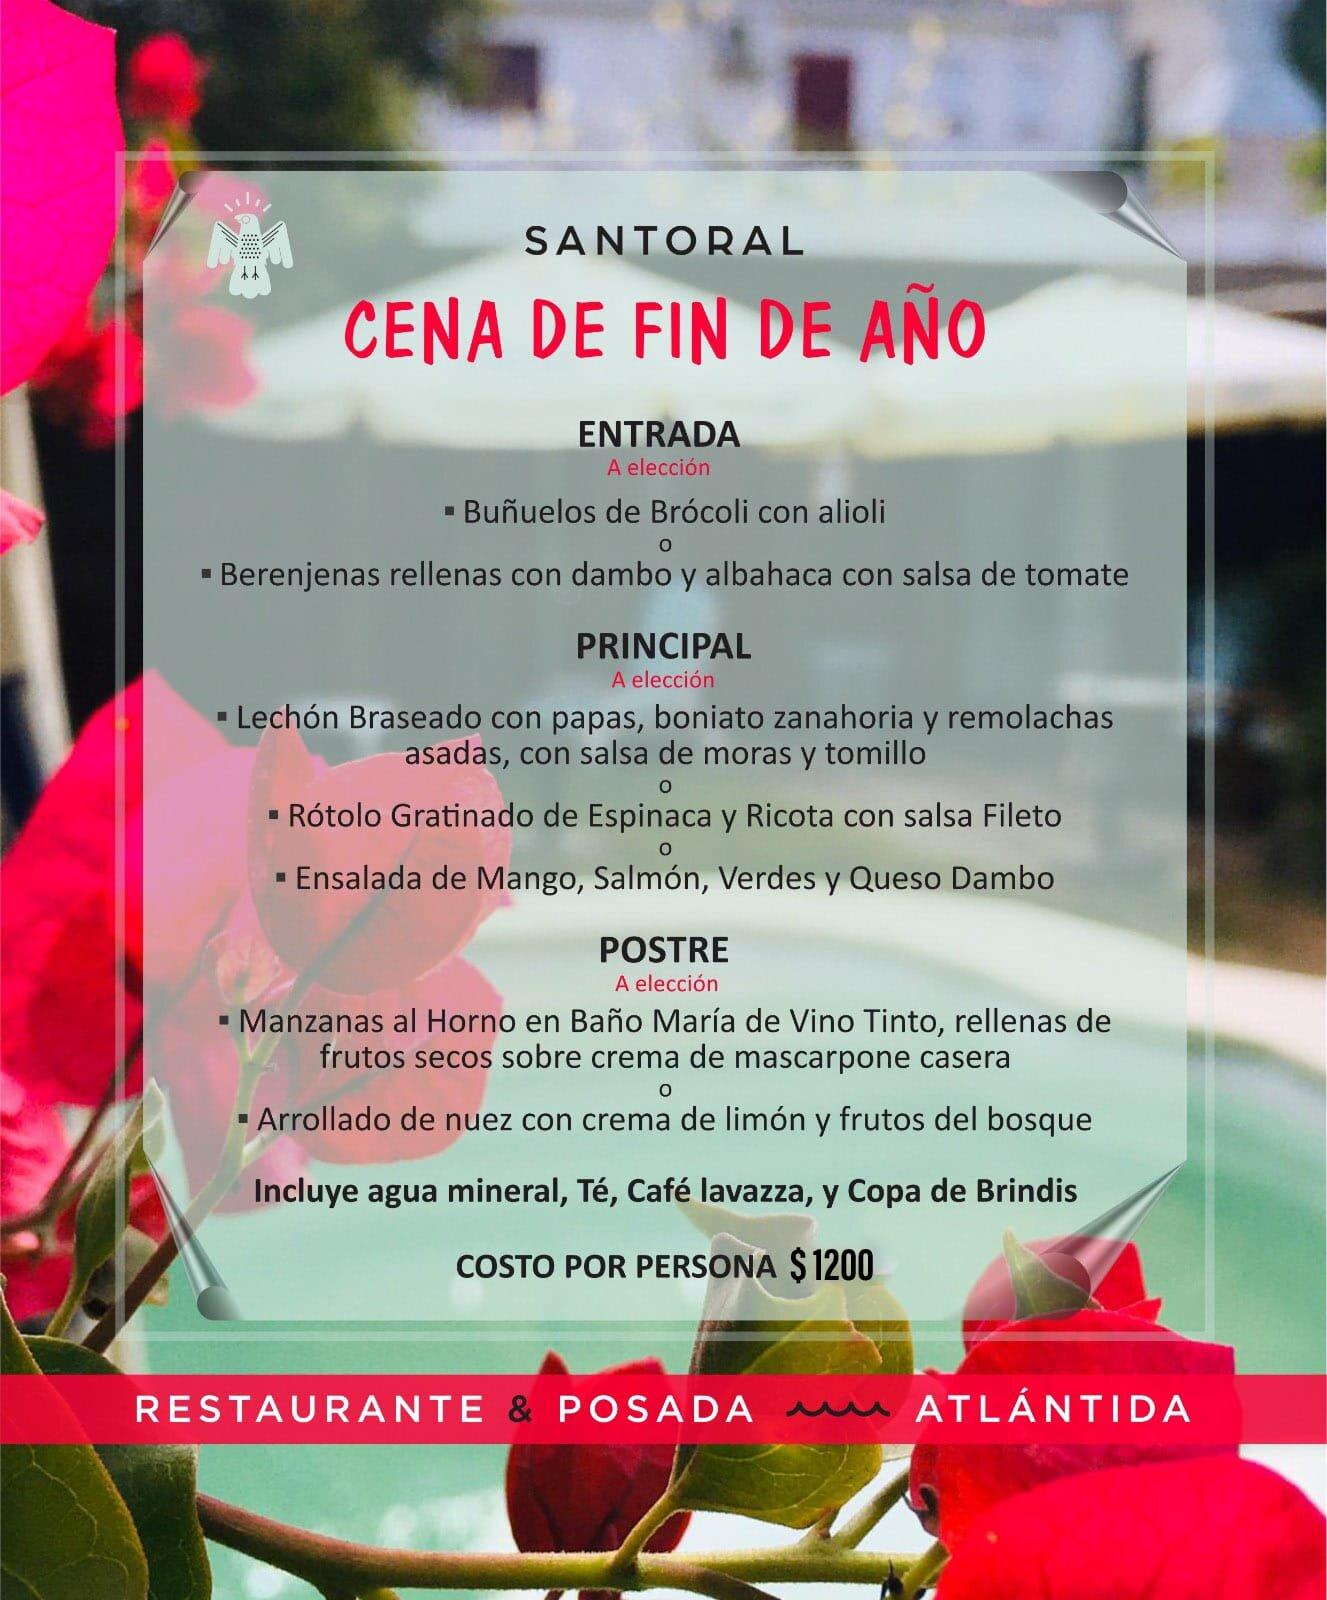 Menú Cena De Fin De Año 2019 2020 Santoral